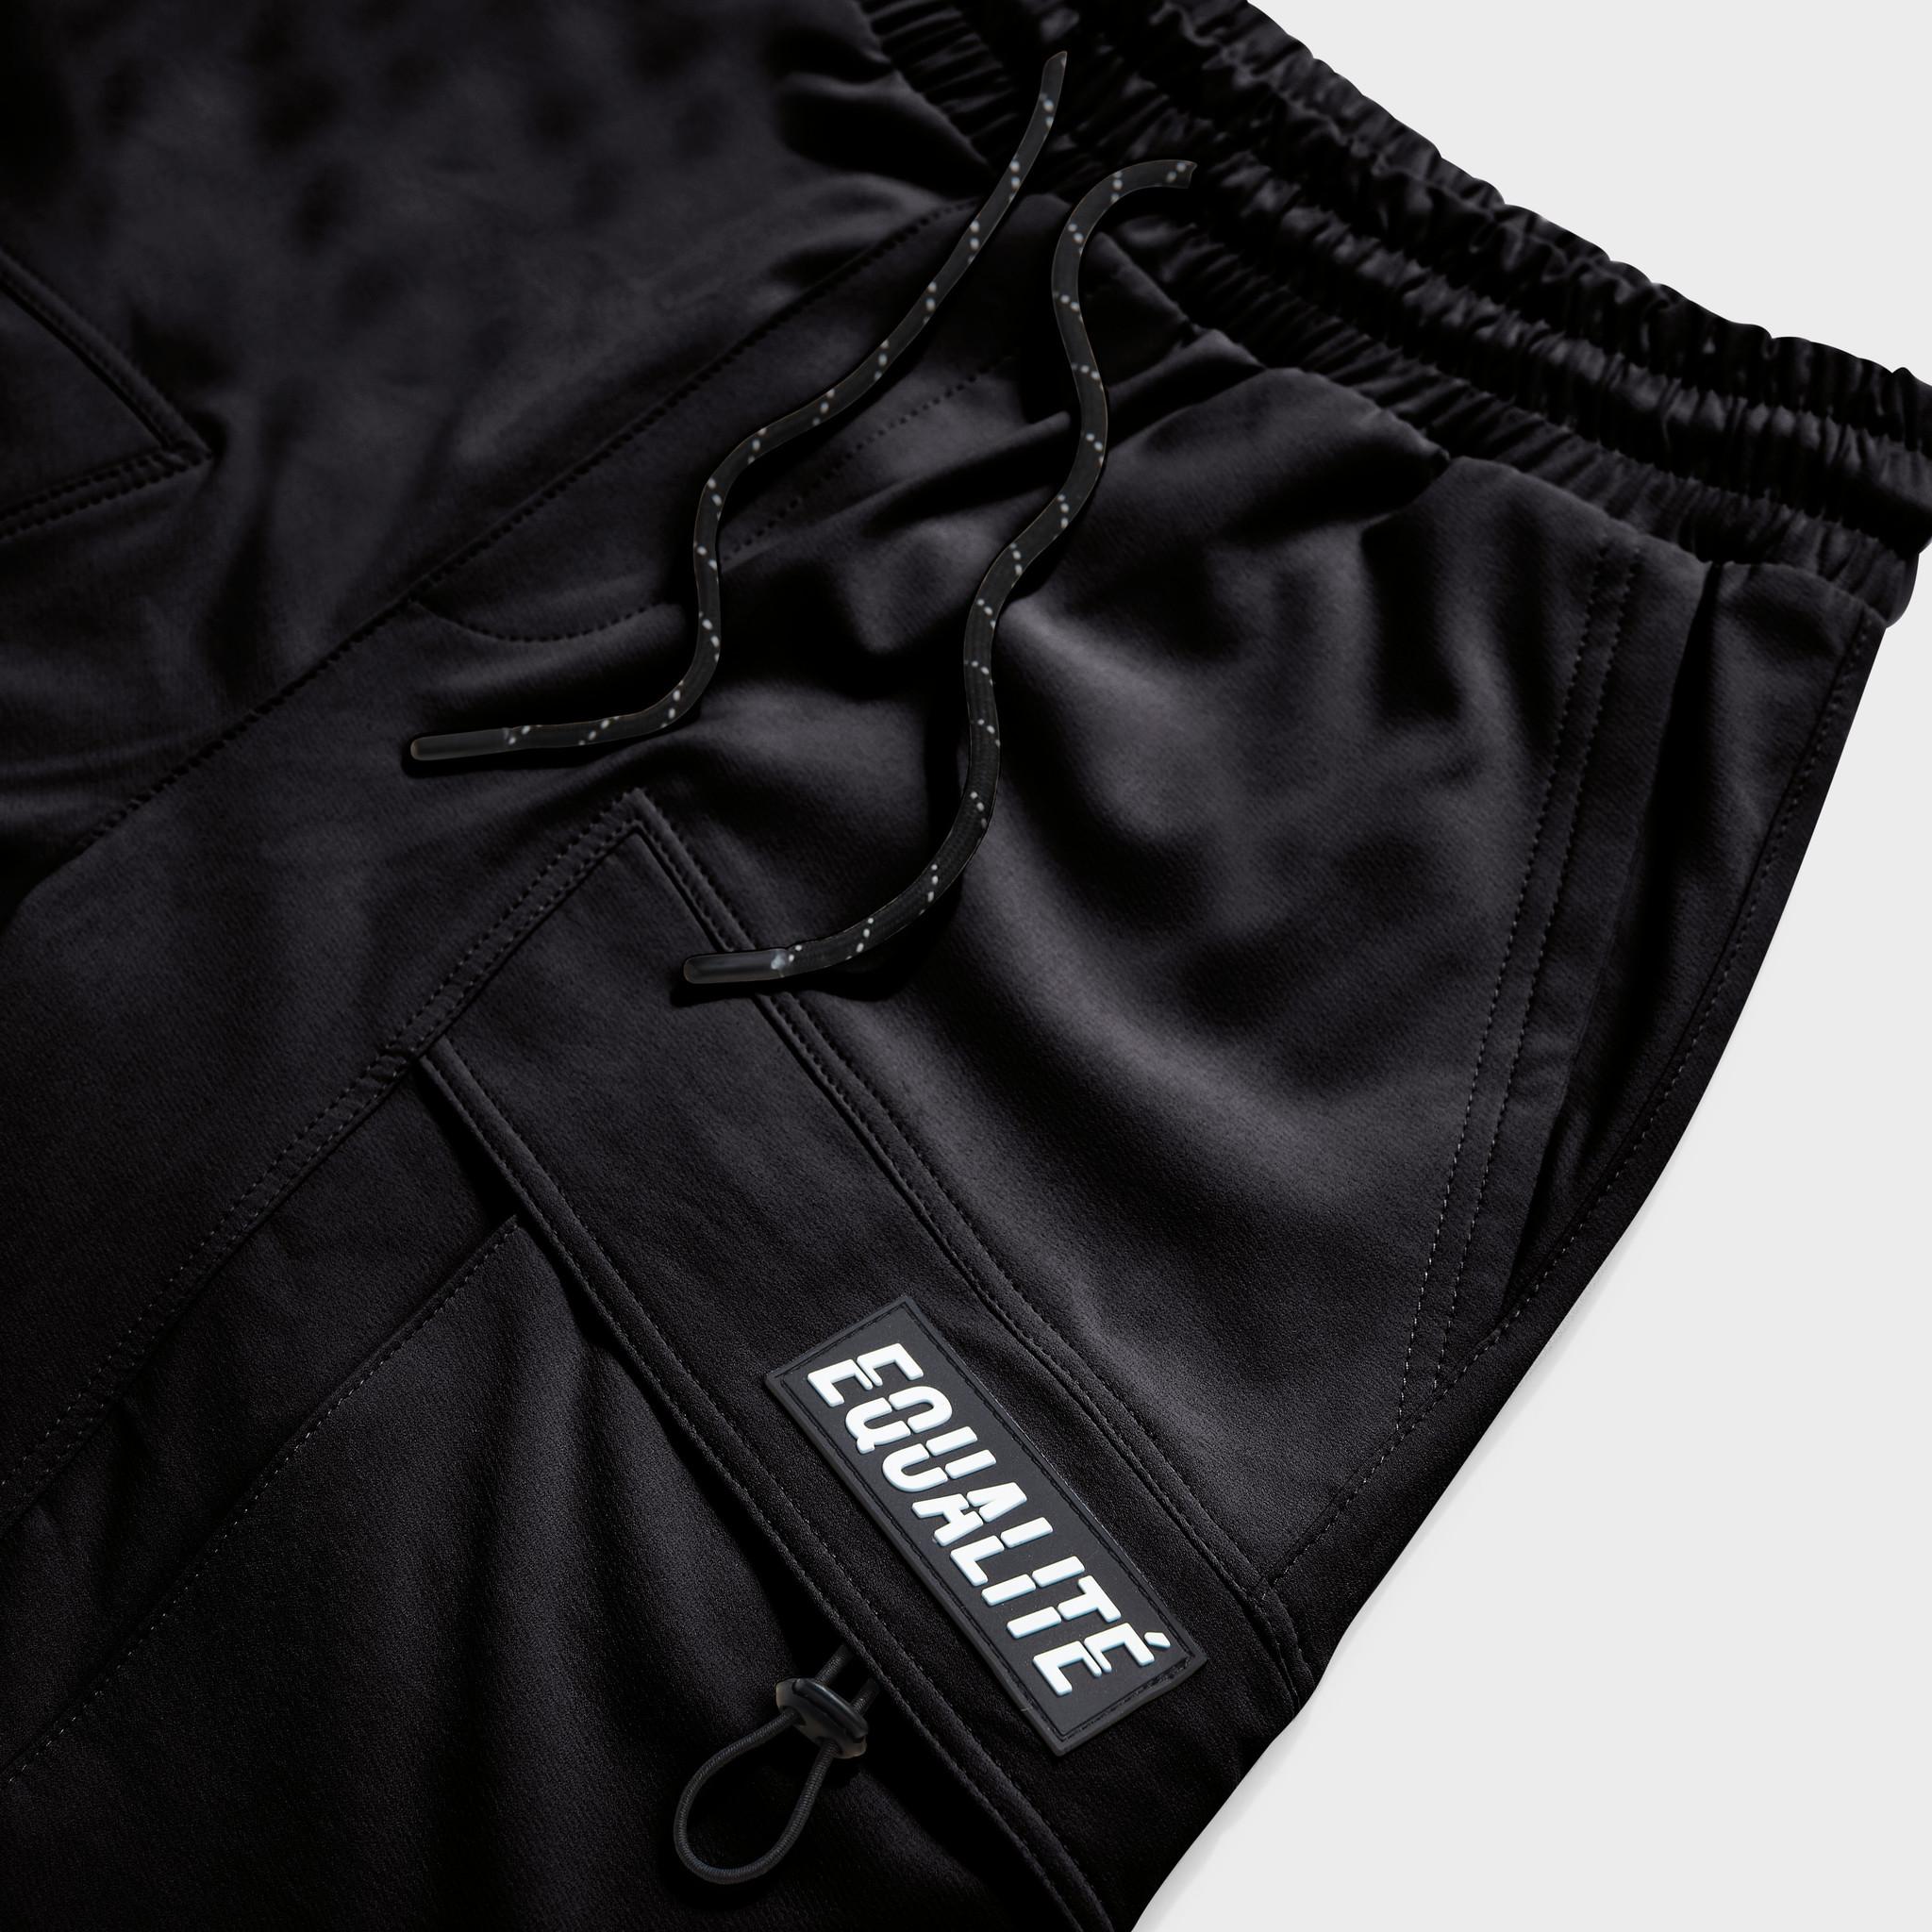 Rafa cargo shorts black-3